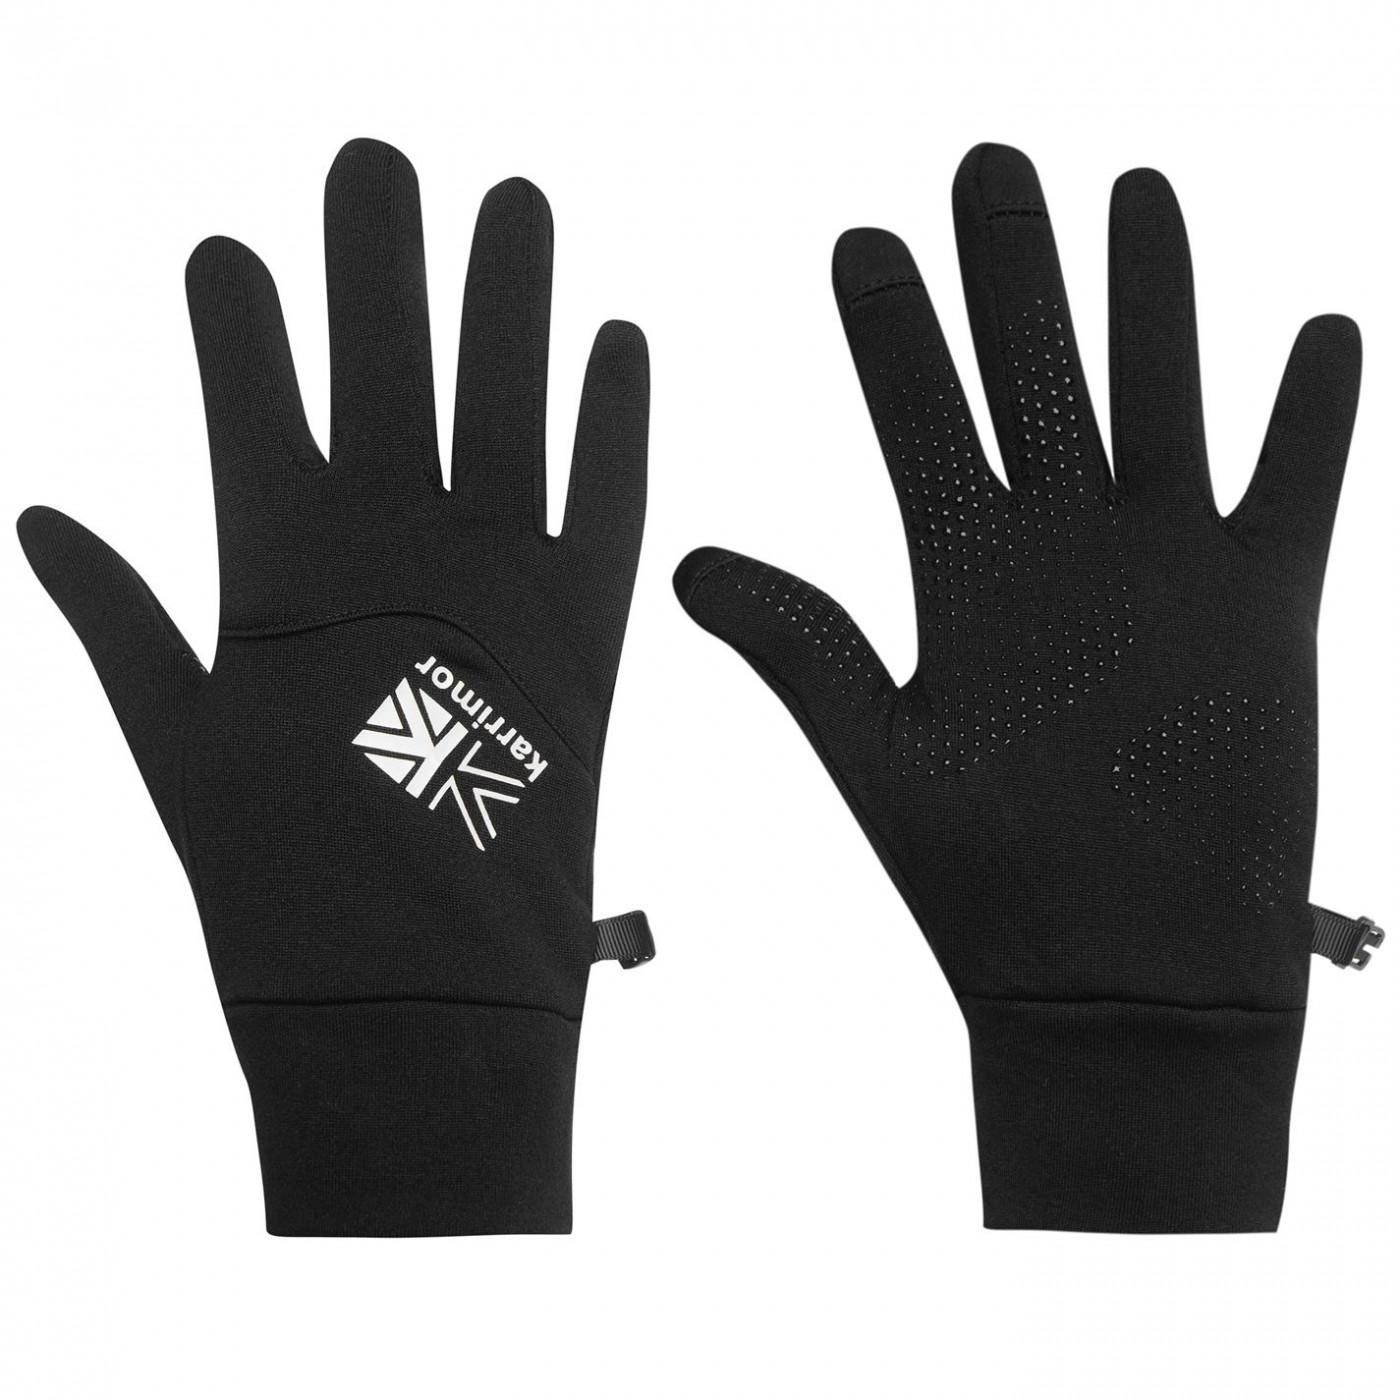 Karrimor Thermal Gloves